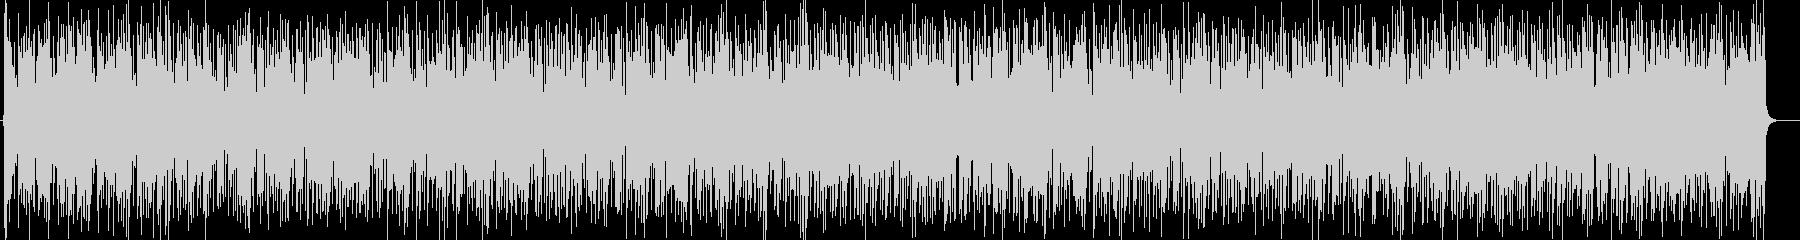 ダンサブルなリズムにシャープなサウンドの未再生の波形